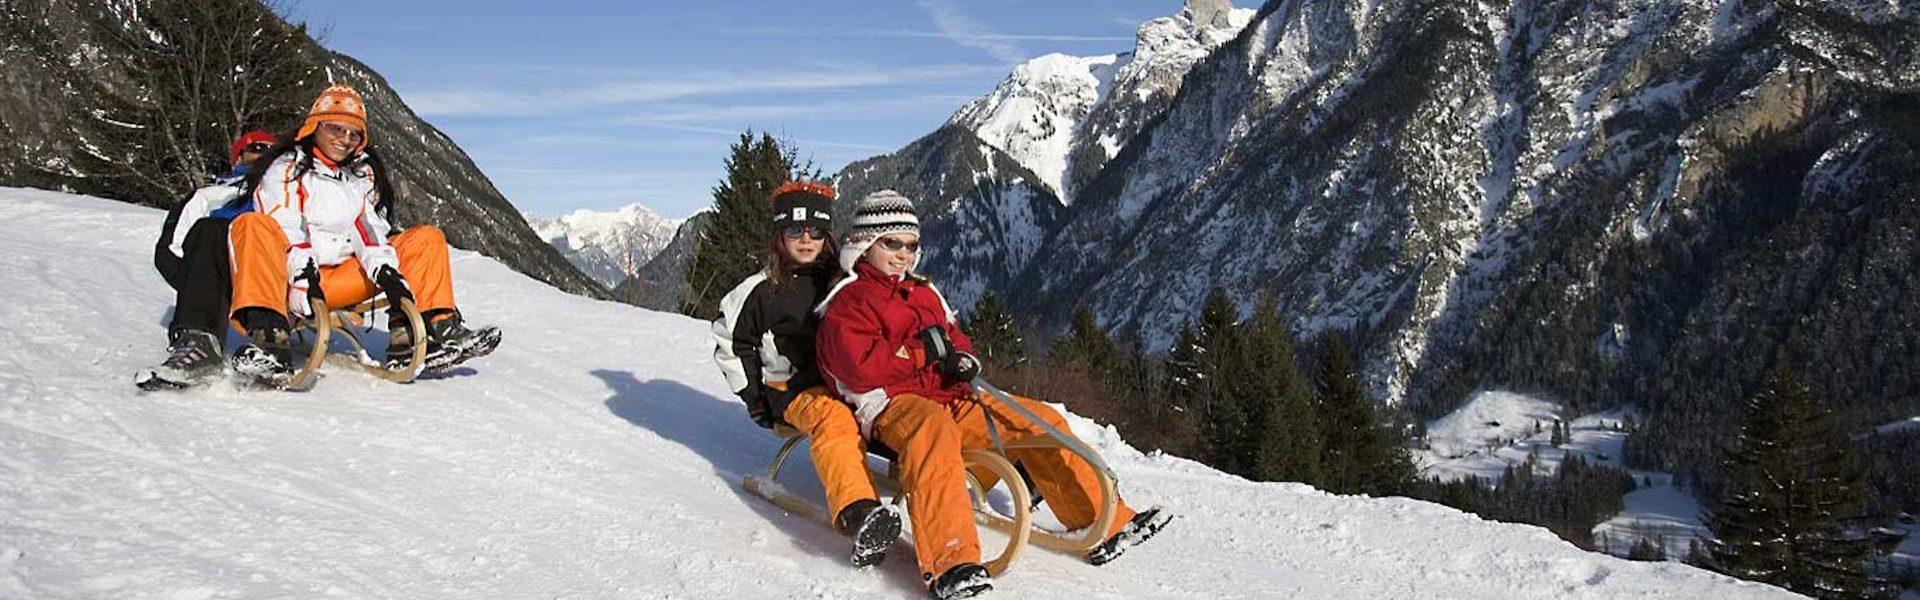 Rodelsafari Brandnertal (c) Dietmar Walser / Alpenregion Bludenz Tourismus GmbH